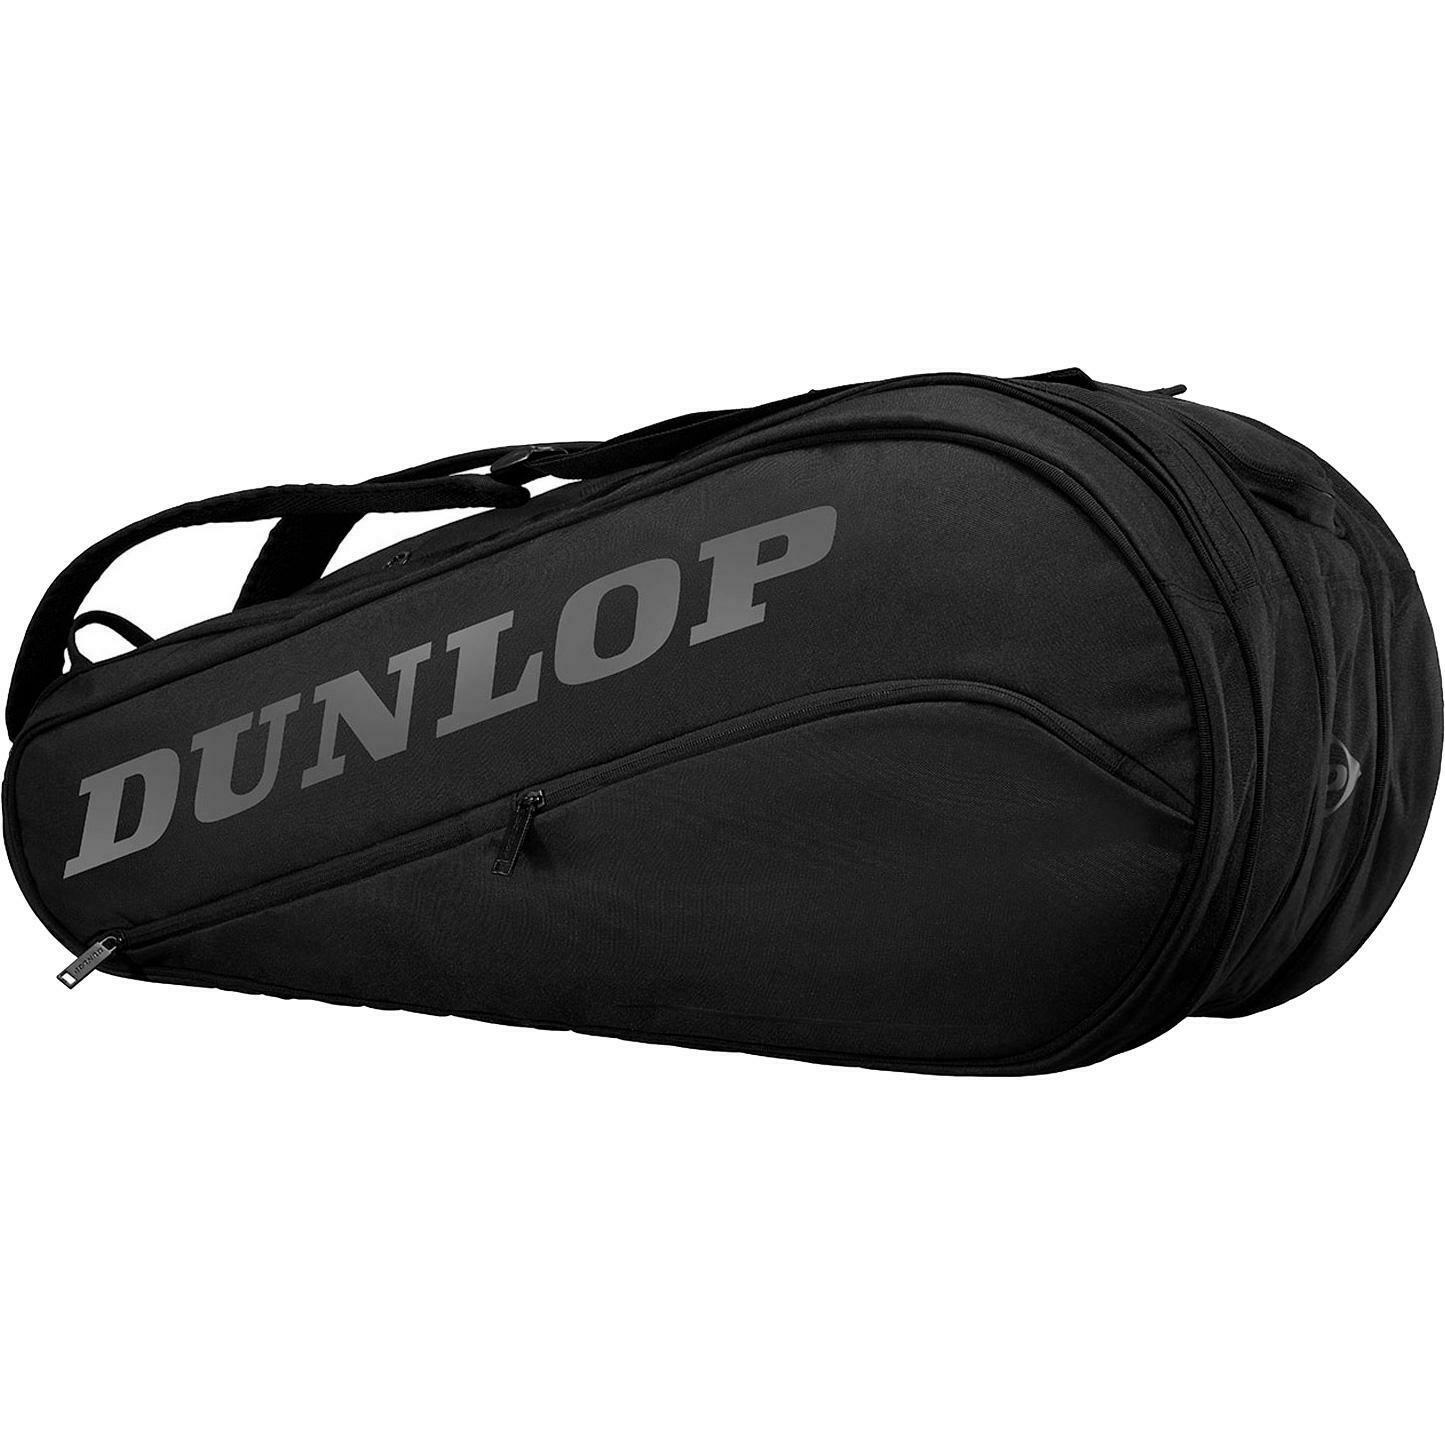 Dunlop CX Team 12 Pack Bag - Black